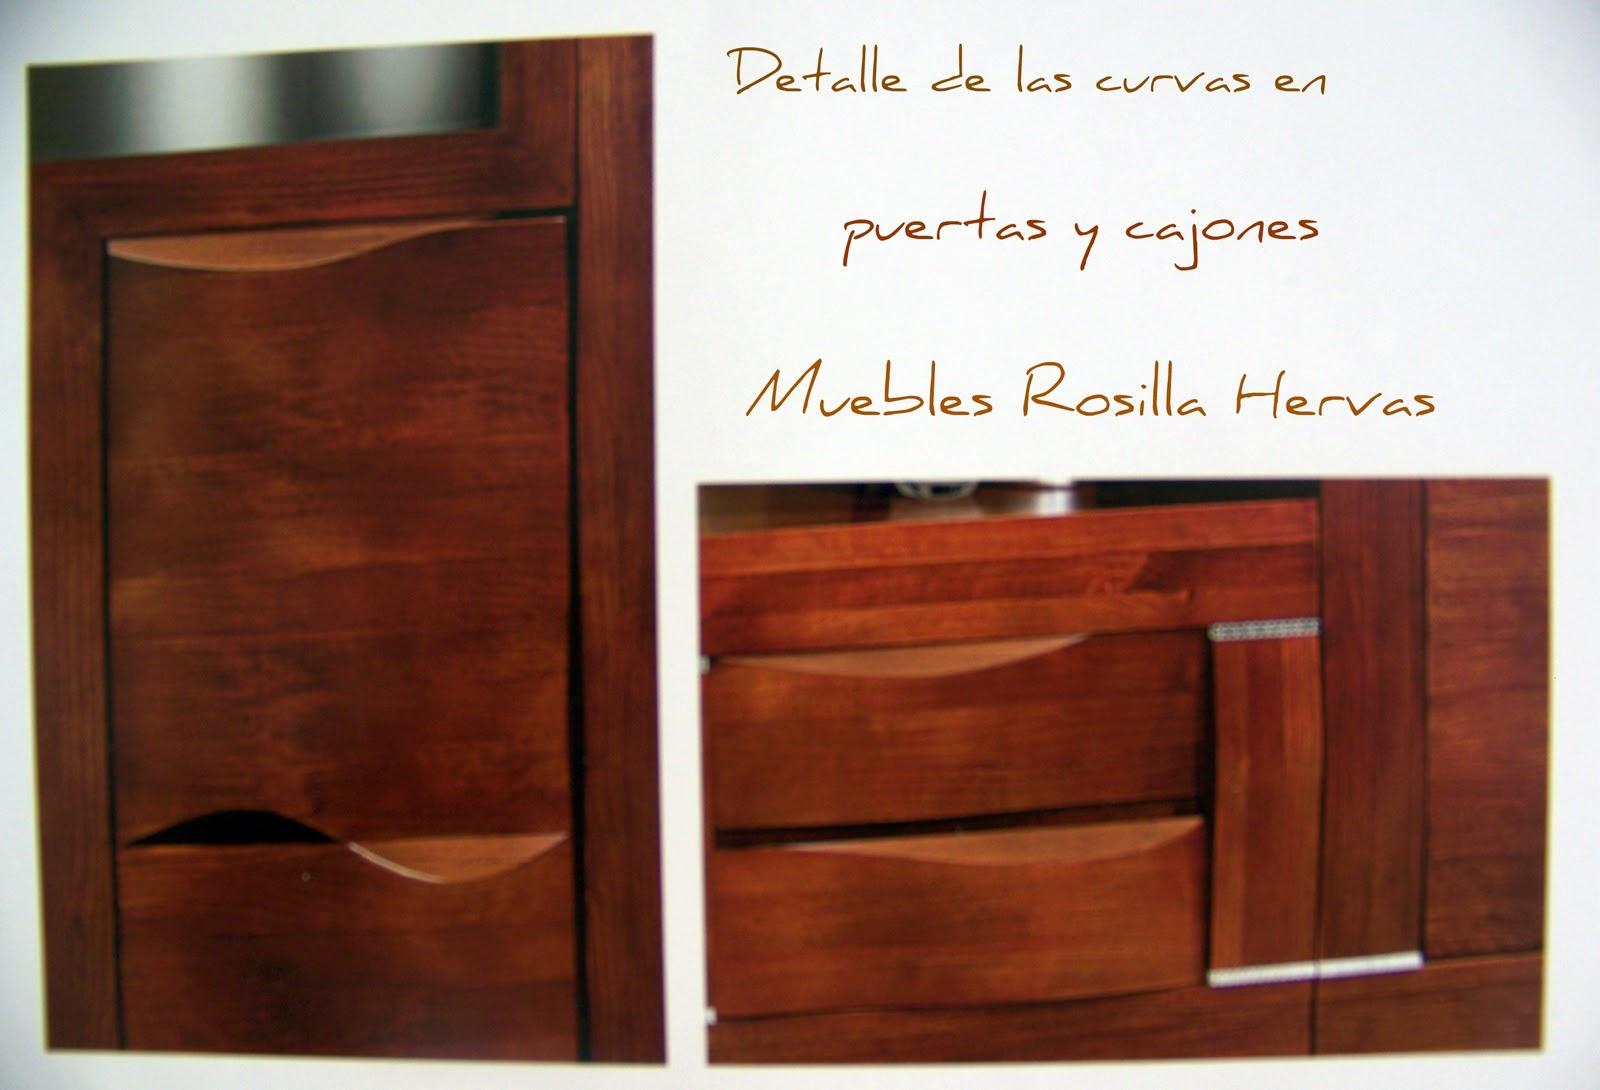 Muebles rosilla herv s las curvas est n de moda for Muebles hervas